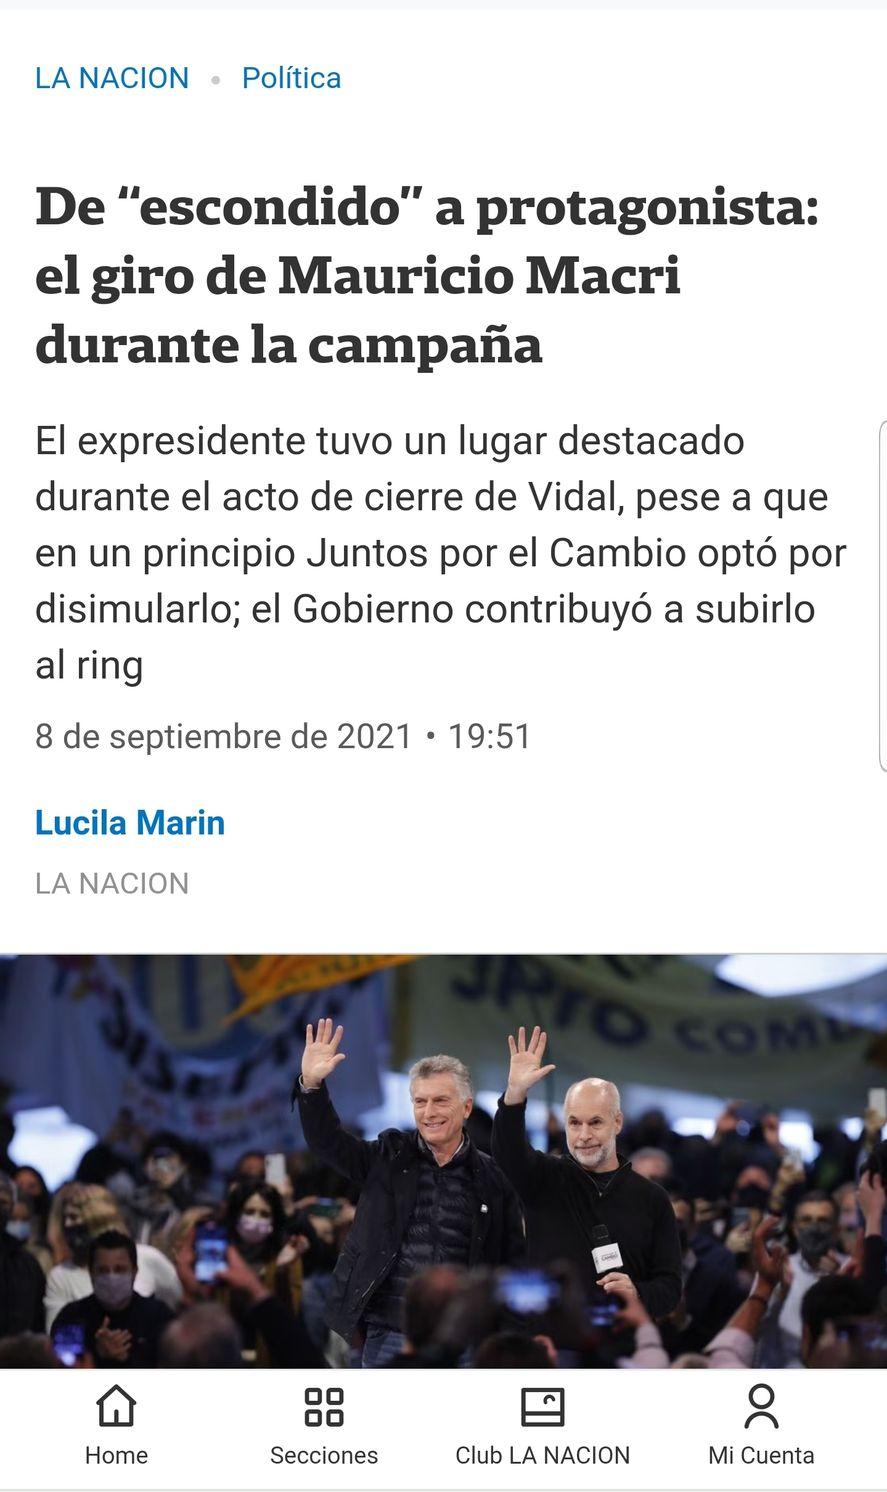 El diario La Nación y una mirada muy diferente acerca de la participación que le dio Horacio Rodríguez Larreta a Macri